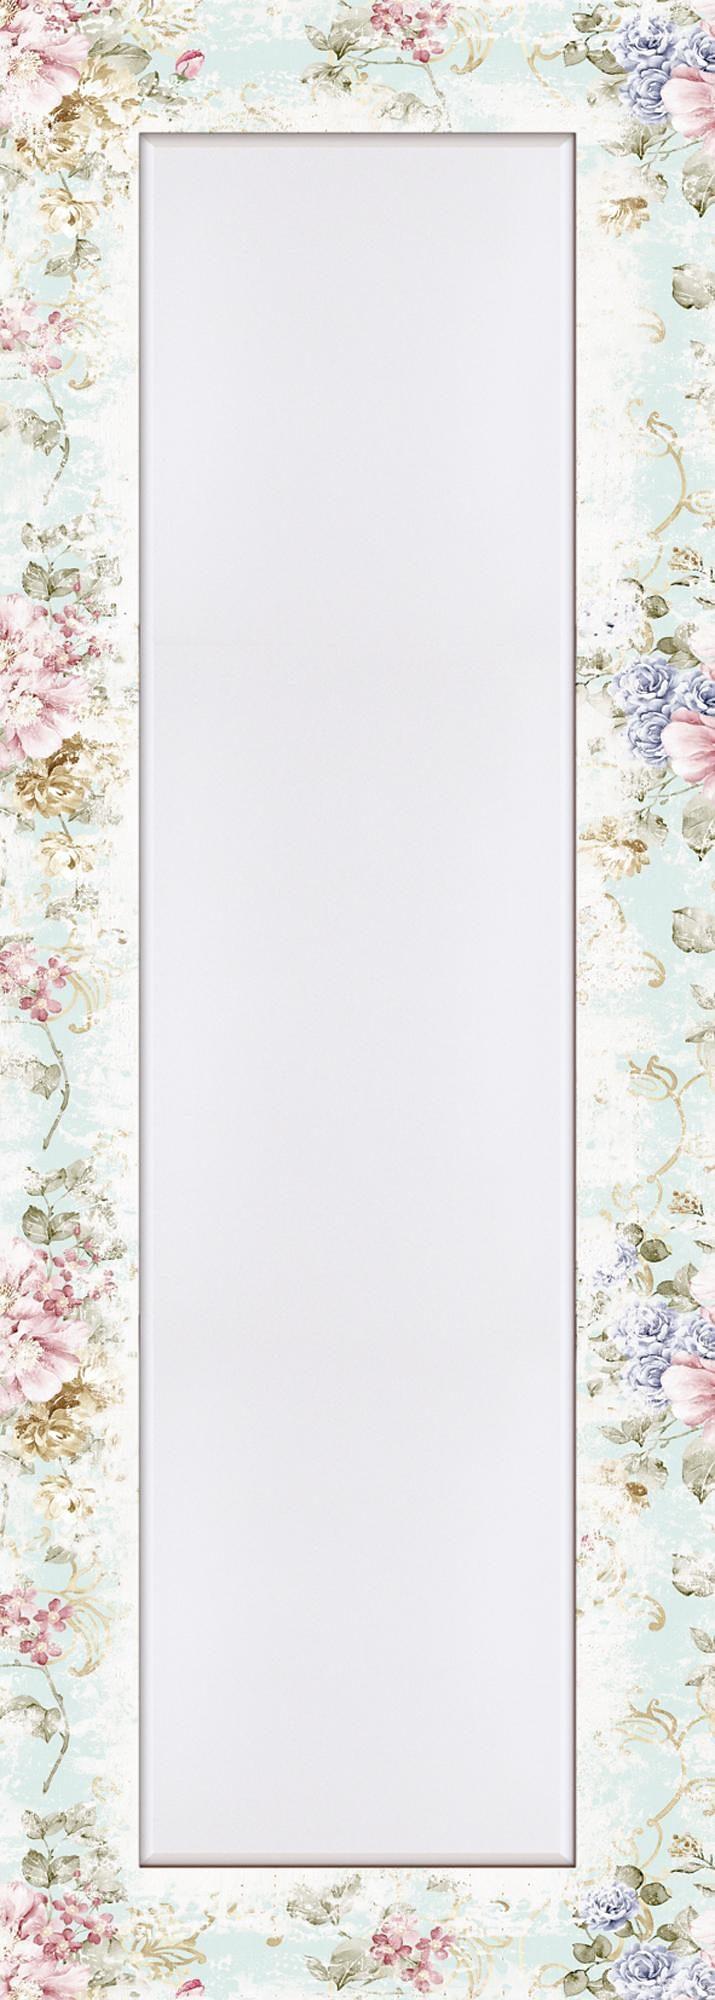 Home affaire Wandspiegel »tanginuk1205: Blumen mit nahtlosem Muster im Hintergrund«, 50,4/140,4 cm